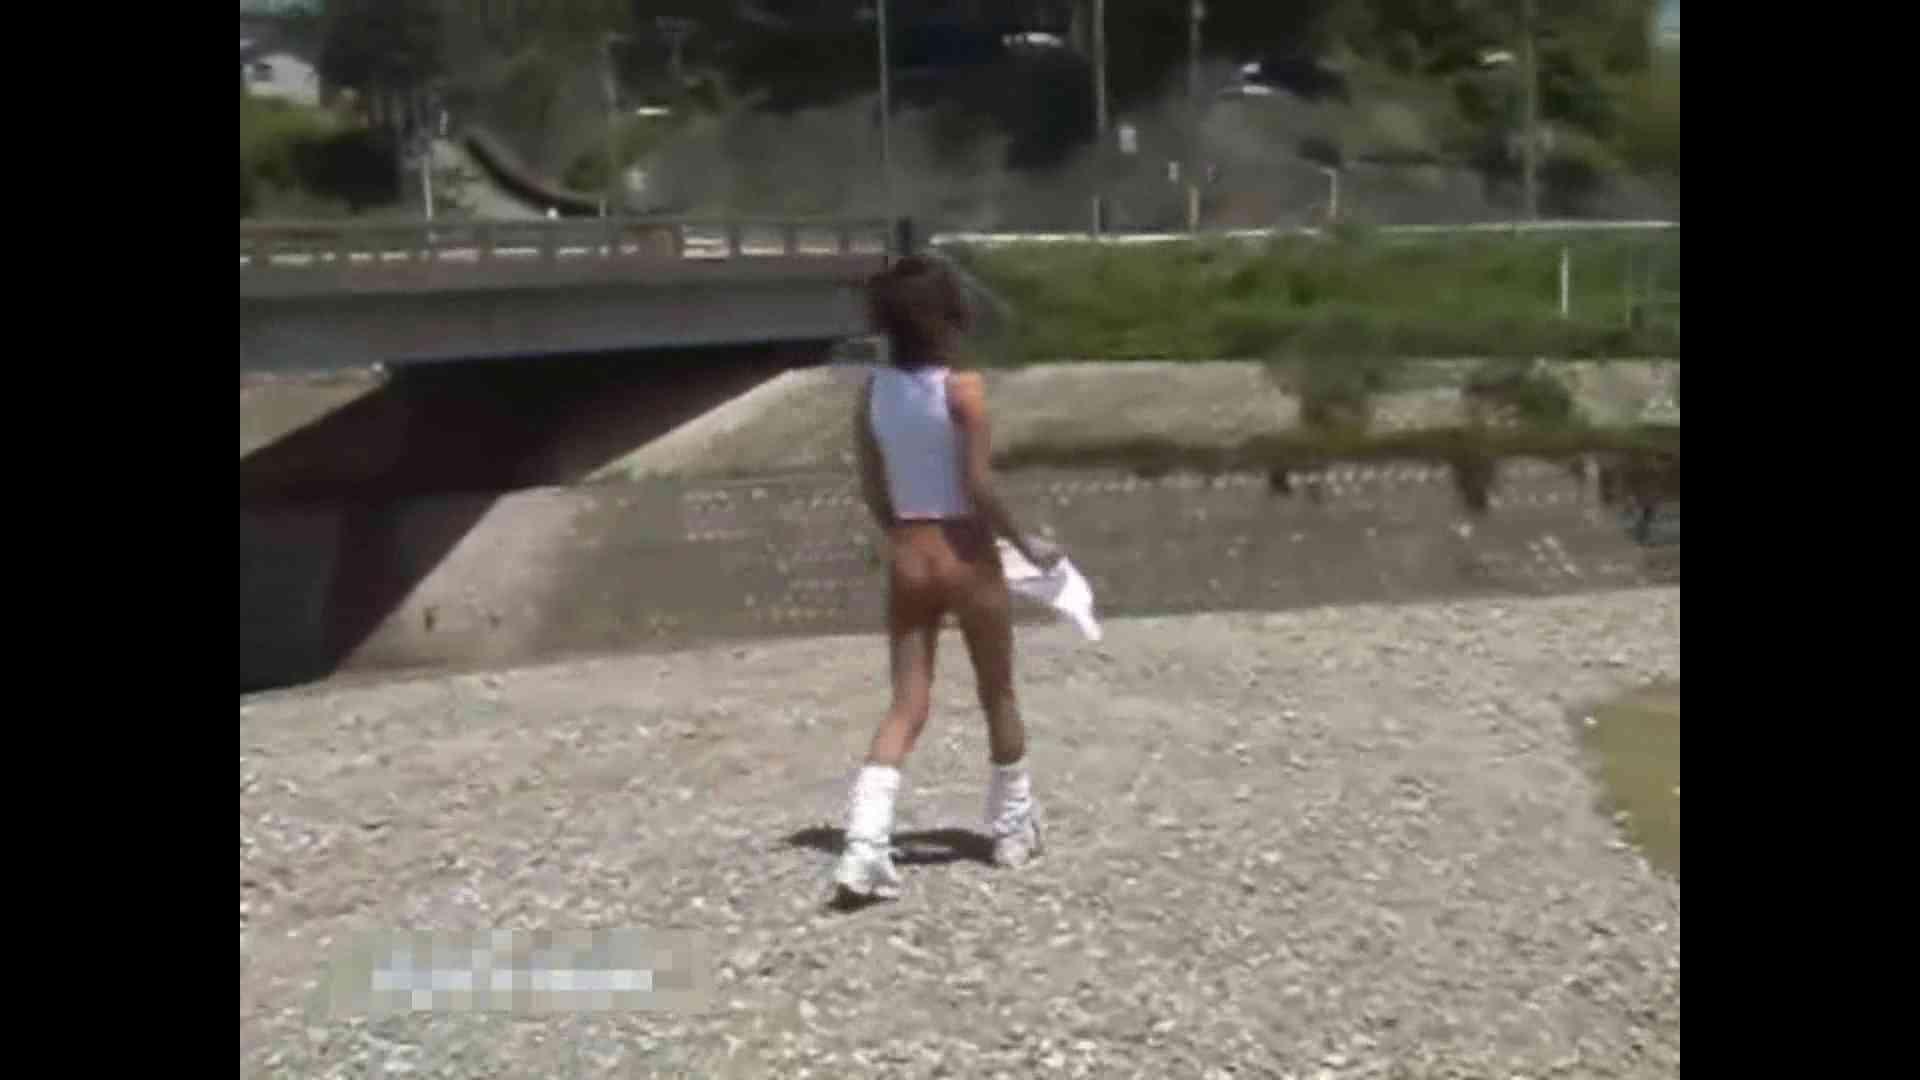 伝説の露出女神 特集8 熟女   盗撮エロすぎ  32連発 21